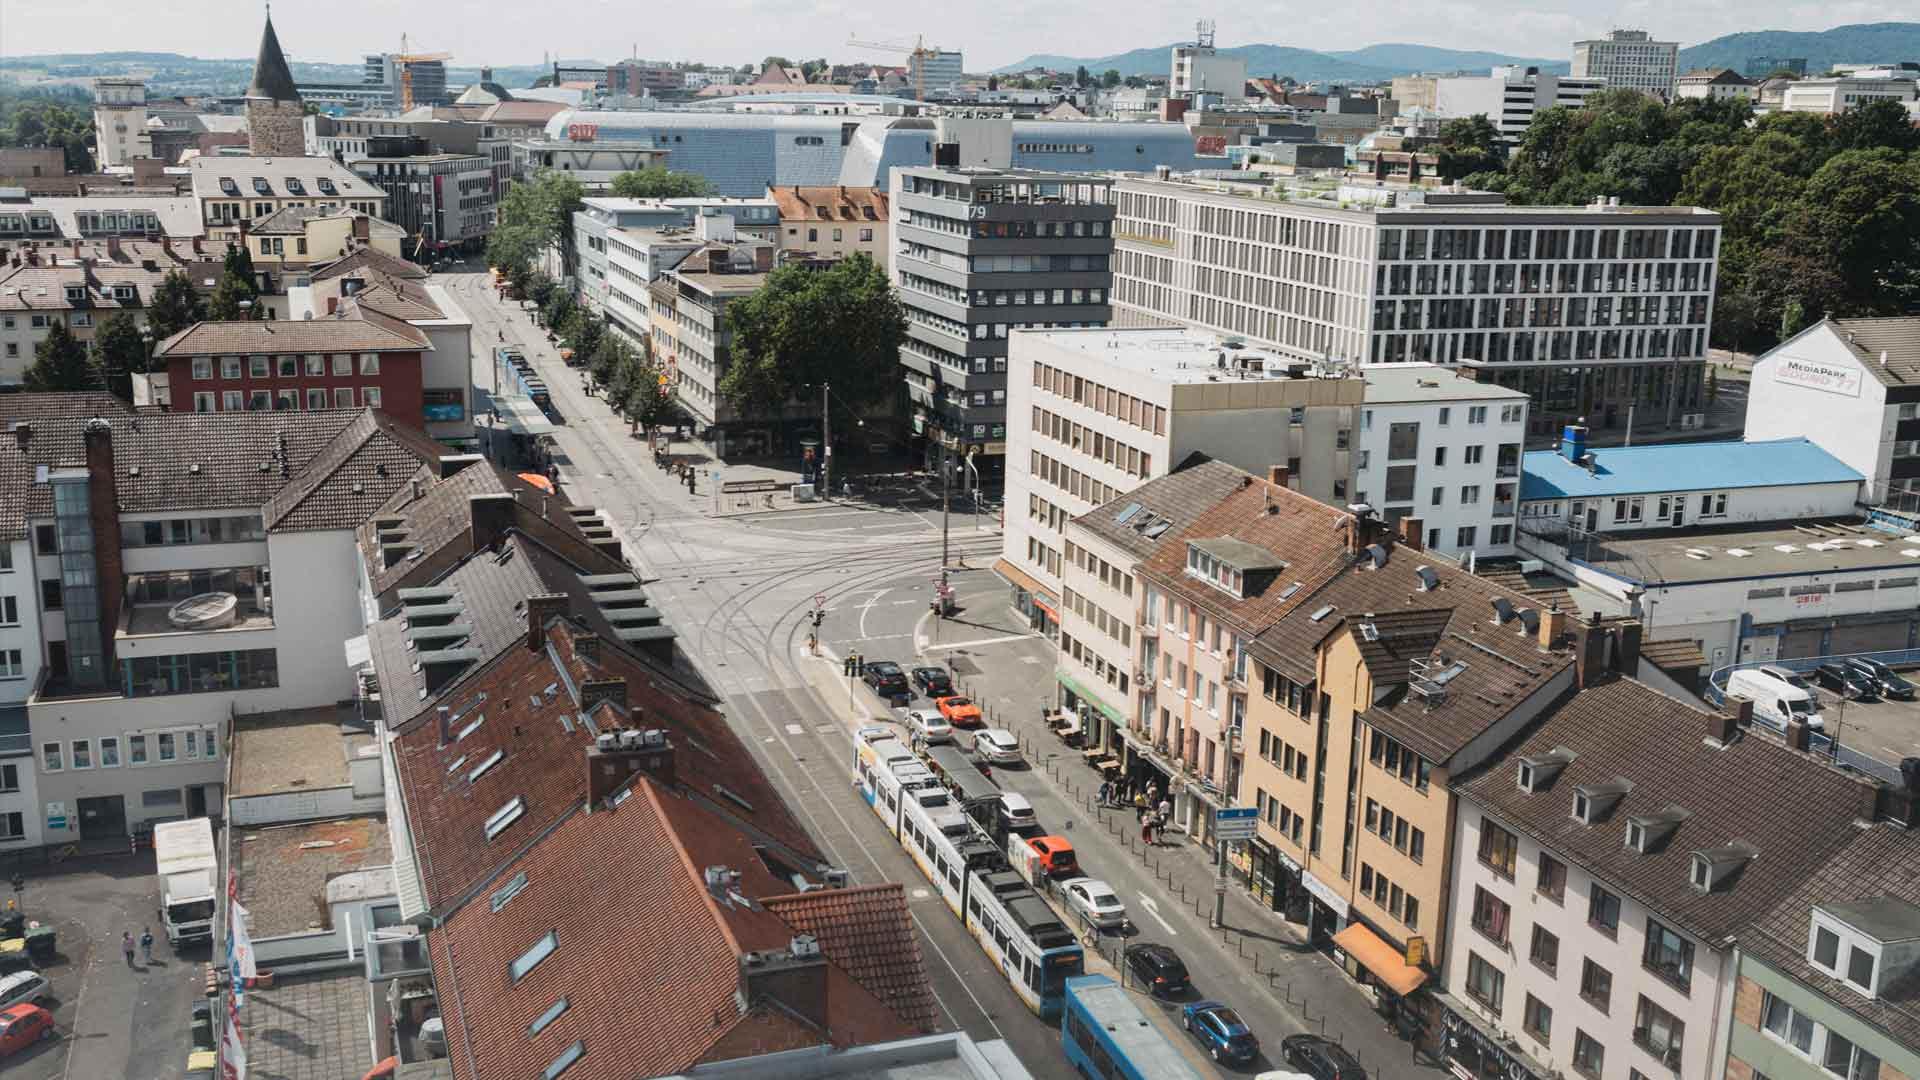 Freiluft-Experiment_Untere_Koenigsstrasse_14